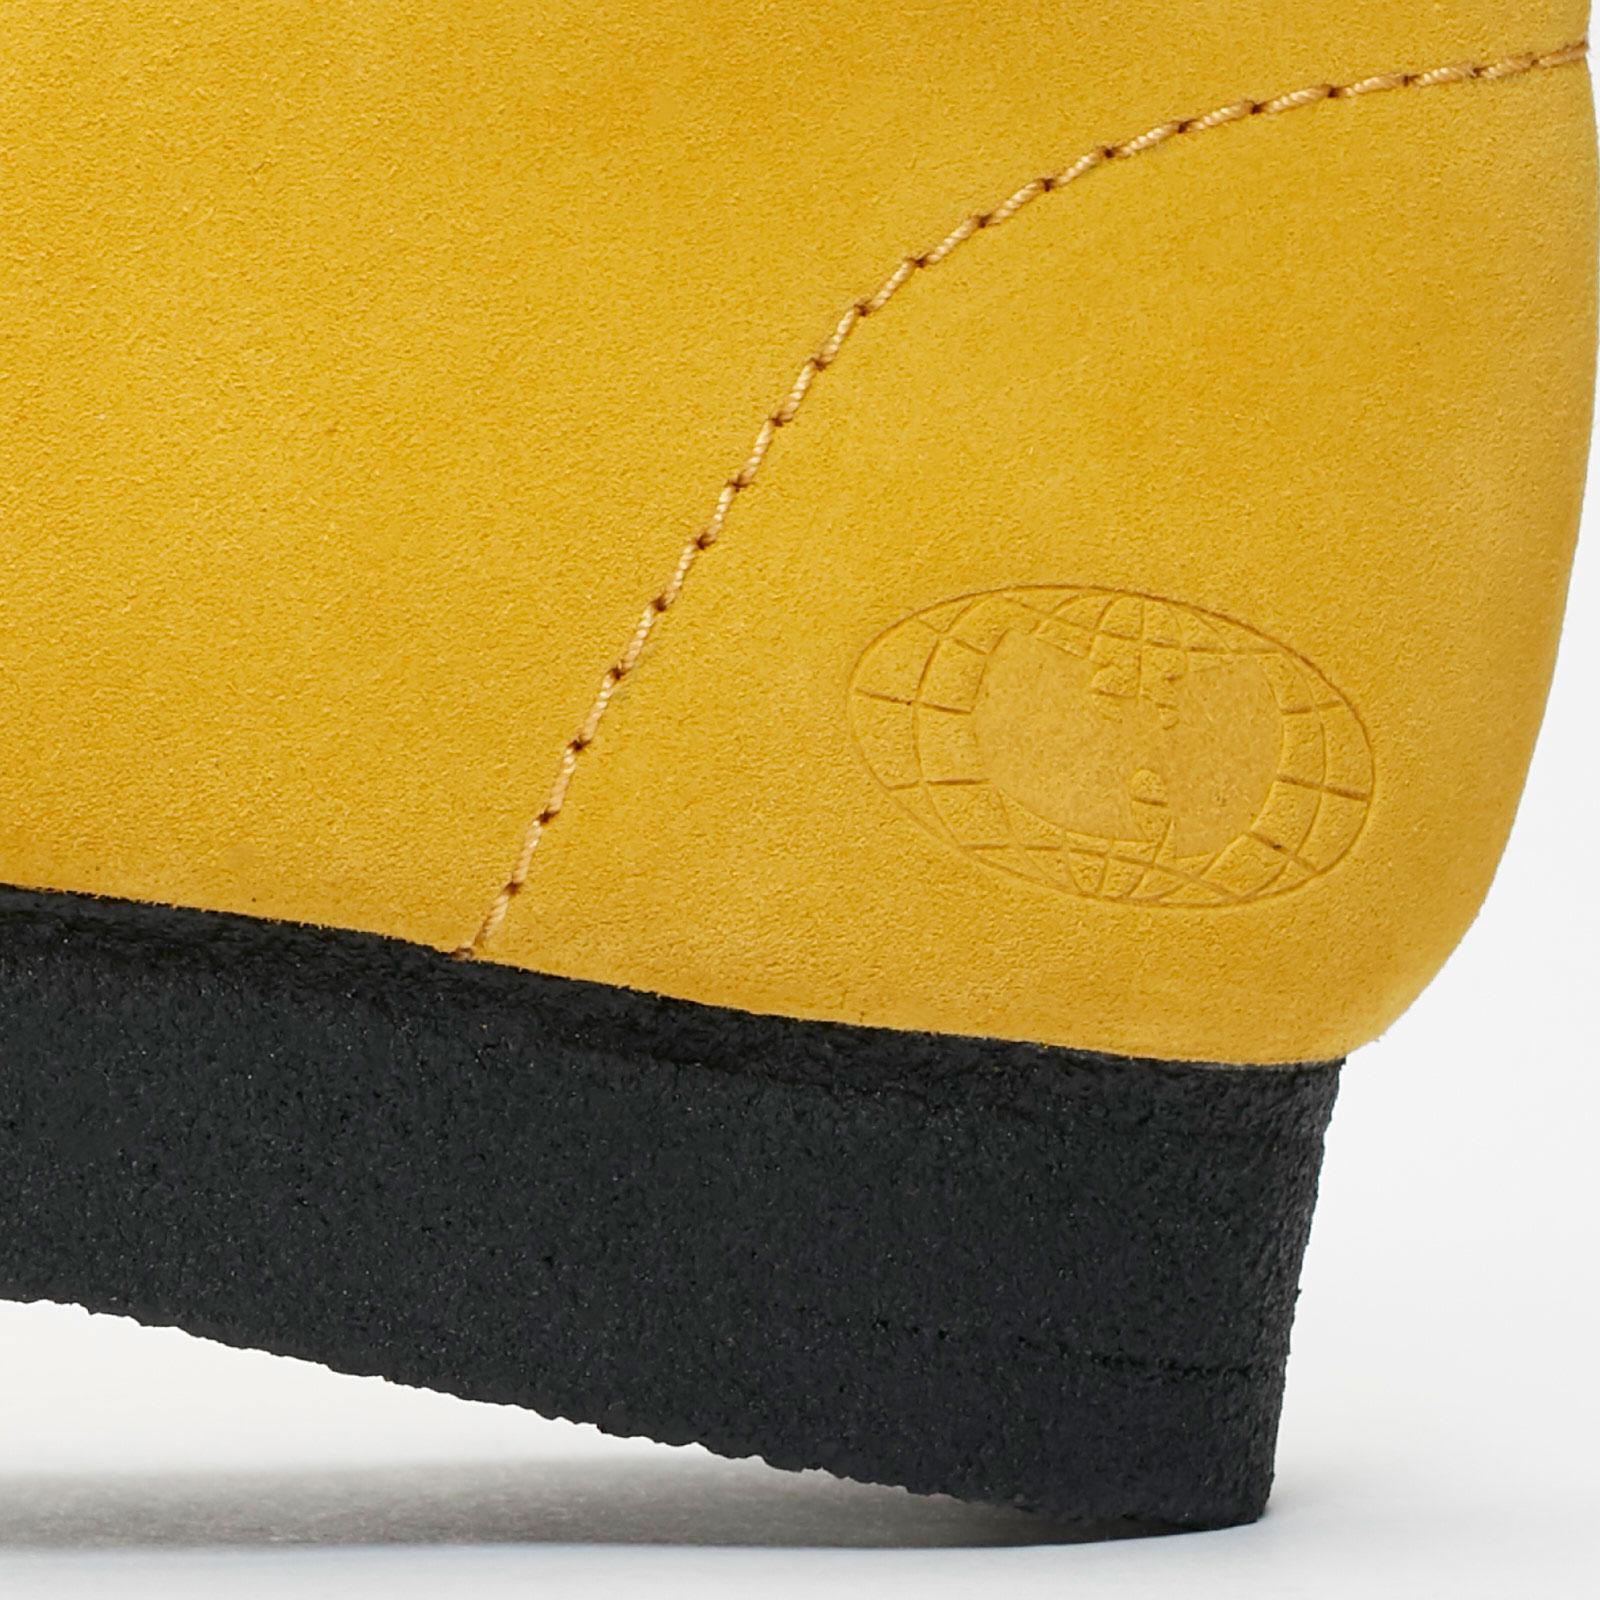 Clarks Wallabee WW 26142385 Sneakersnstuff   sneakers